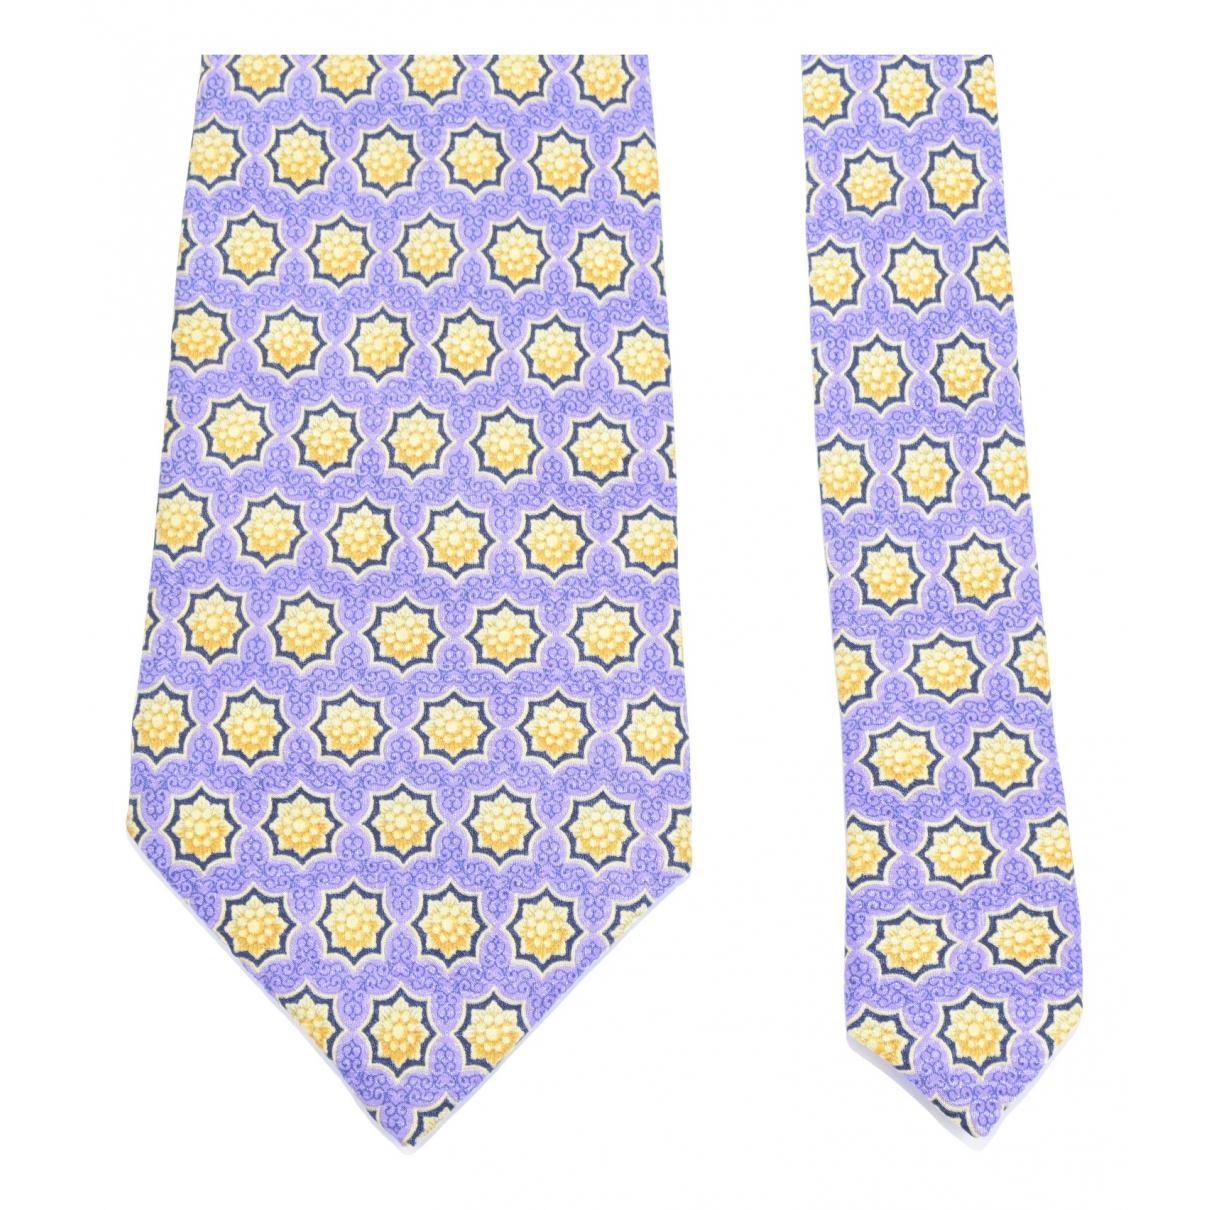 Gianni Versace - Cravates   pour homme en soie - violet